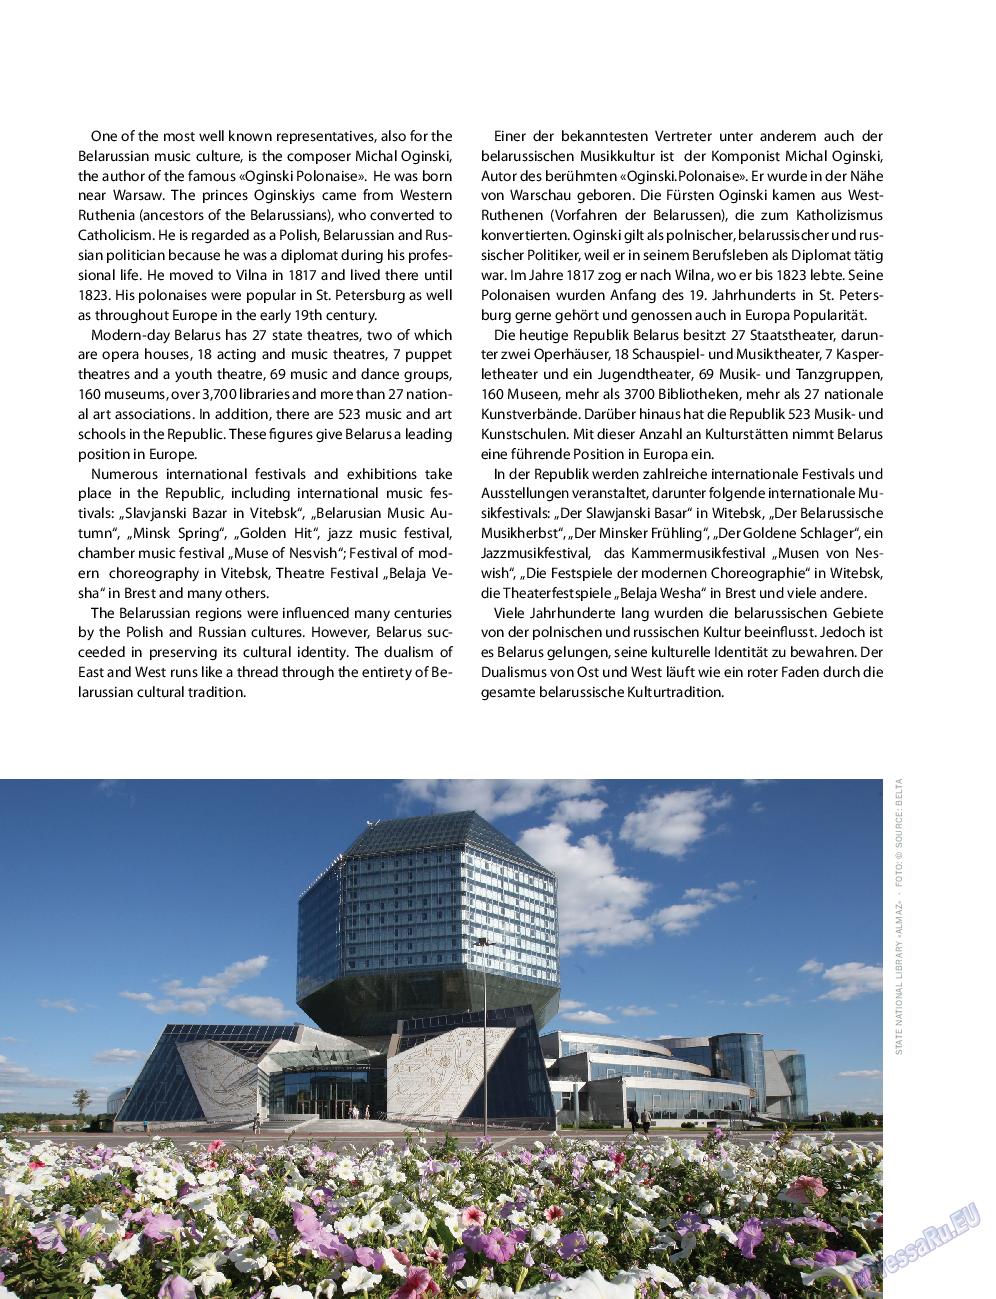 Клан (журнал). 2015 год, номер 8, стр. 56